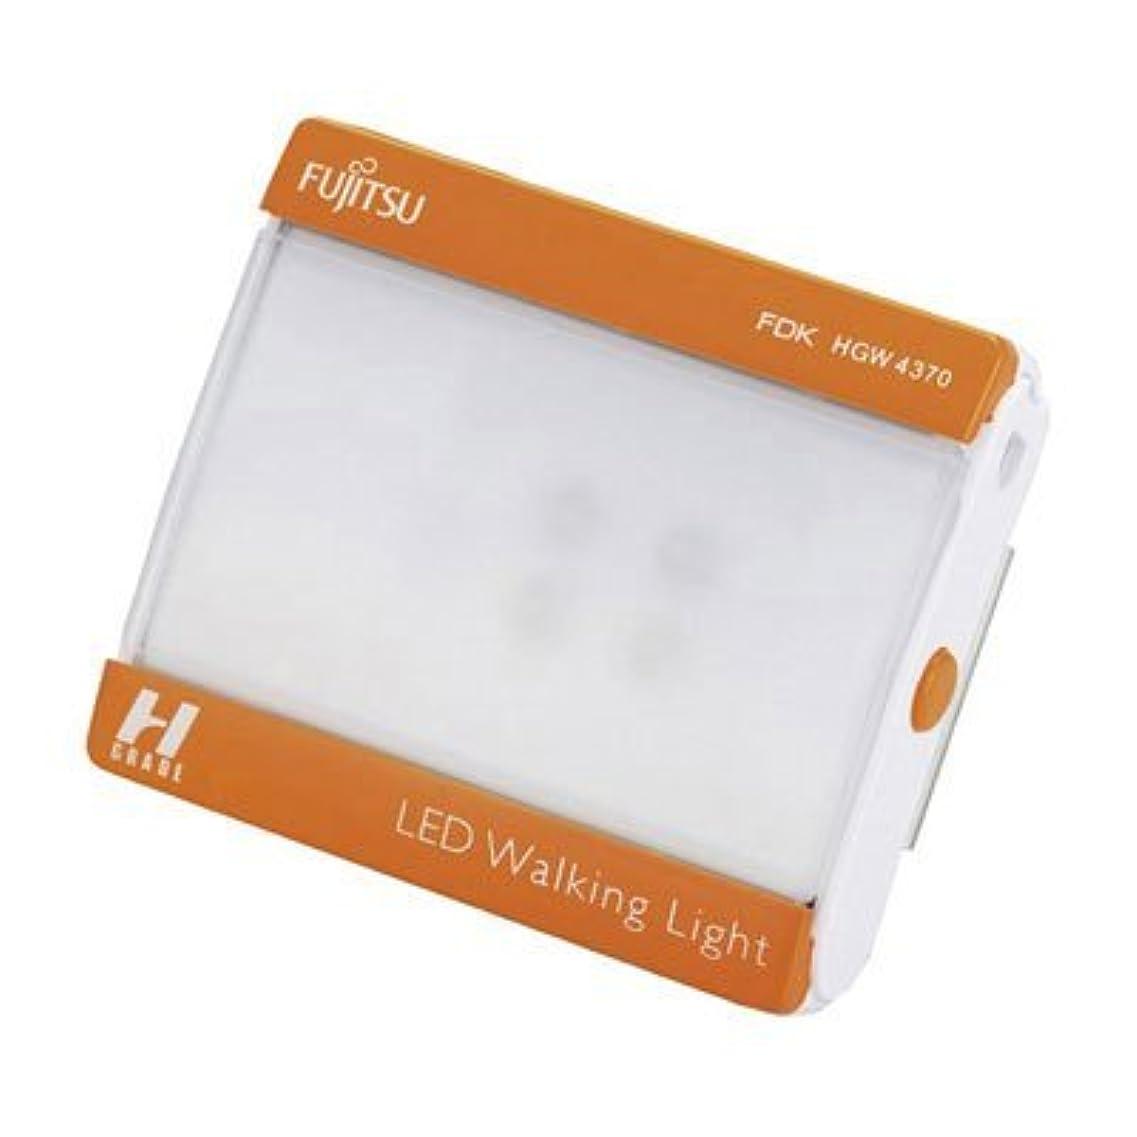 信頼できる発生器子供達FDK(エフディケイ) LEDウォーキングライト HGW4370F-O オレンジ